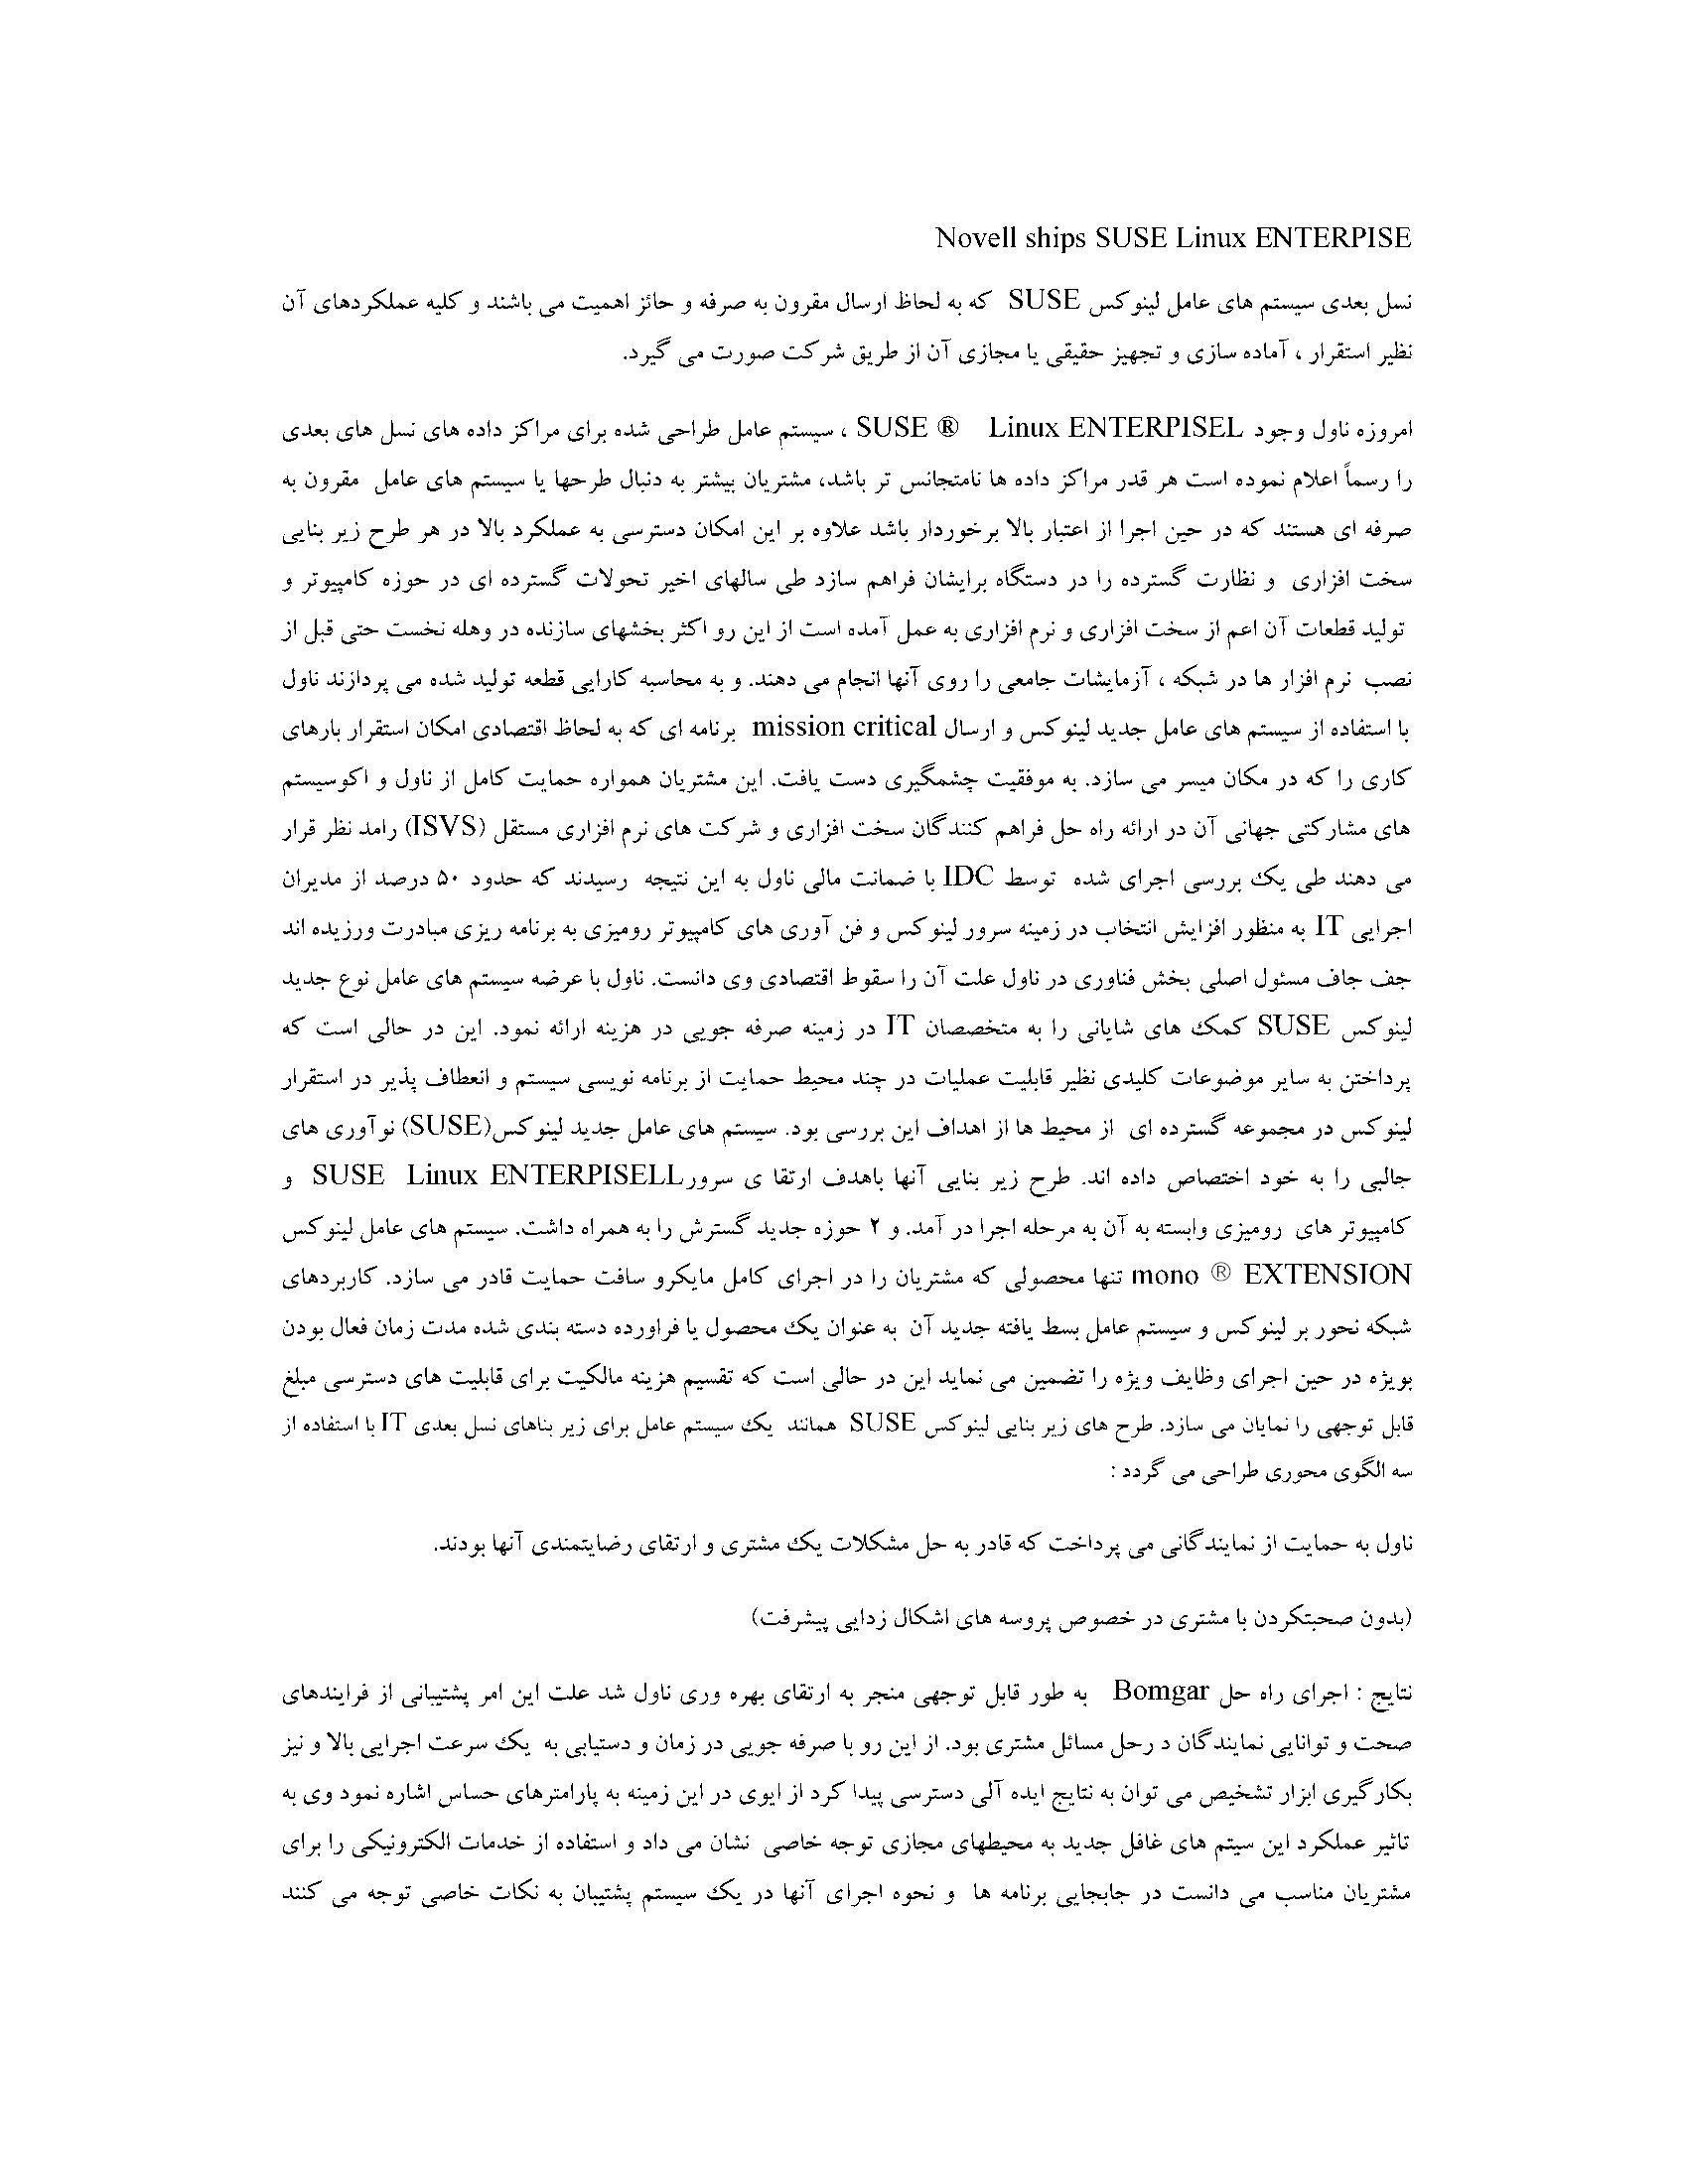 ترجمه مقاله و تحقیق - سیستم عامل ناول novell